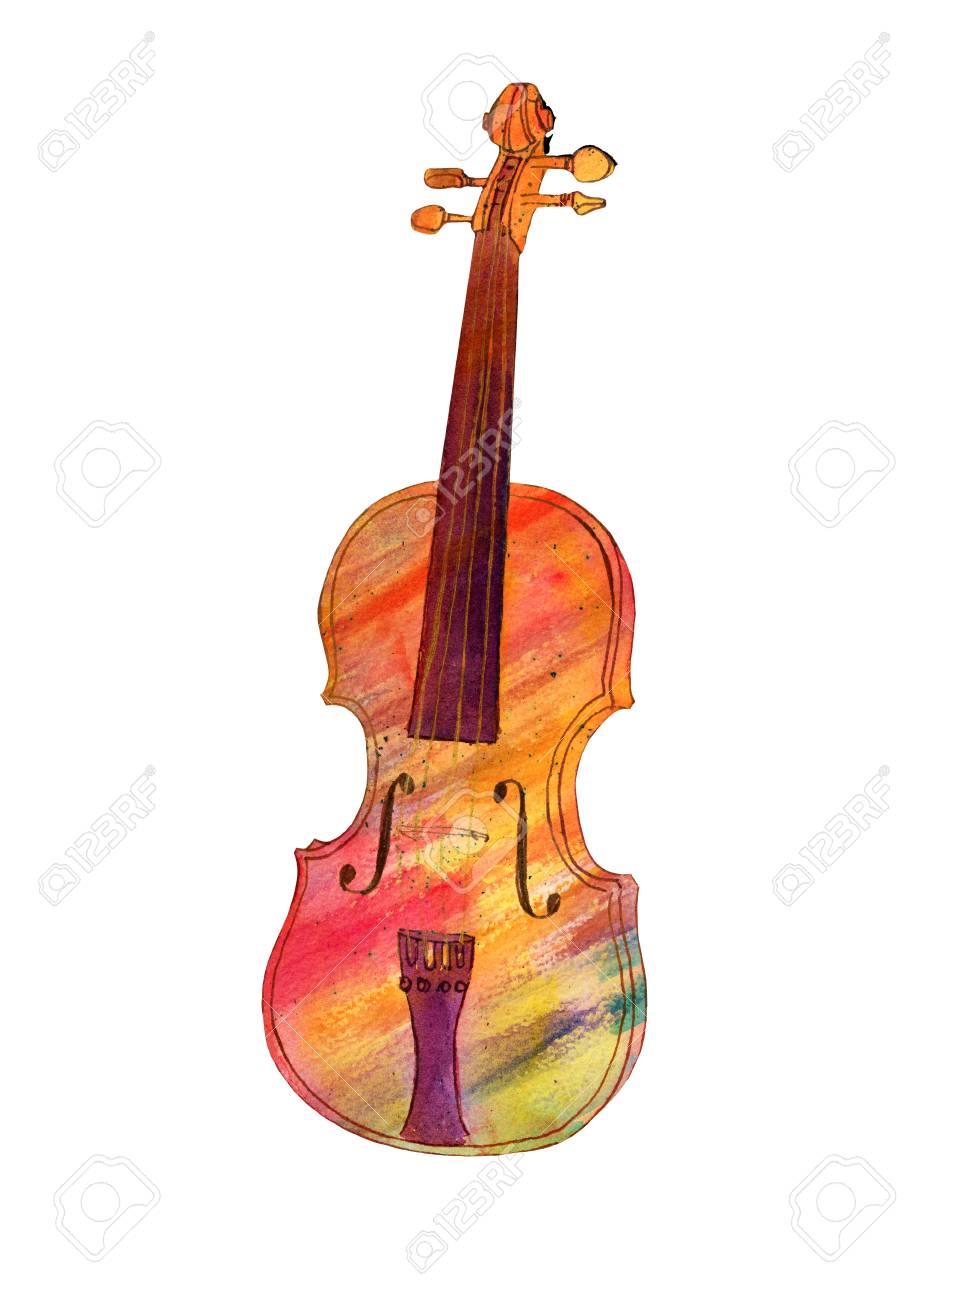 Dessin De Violon aquarelle et dessin à l'encre de violon coloré, isolé banque d